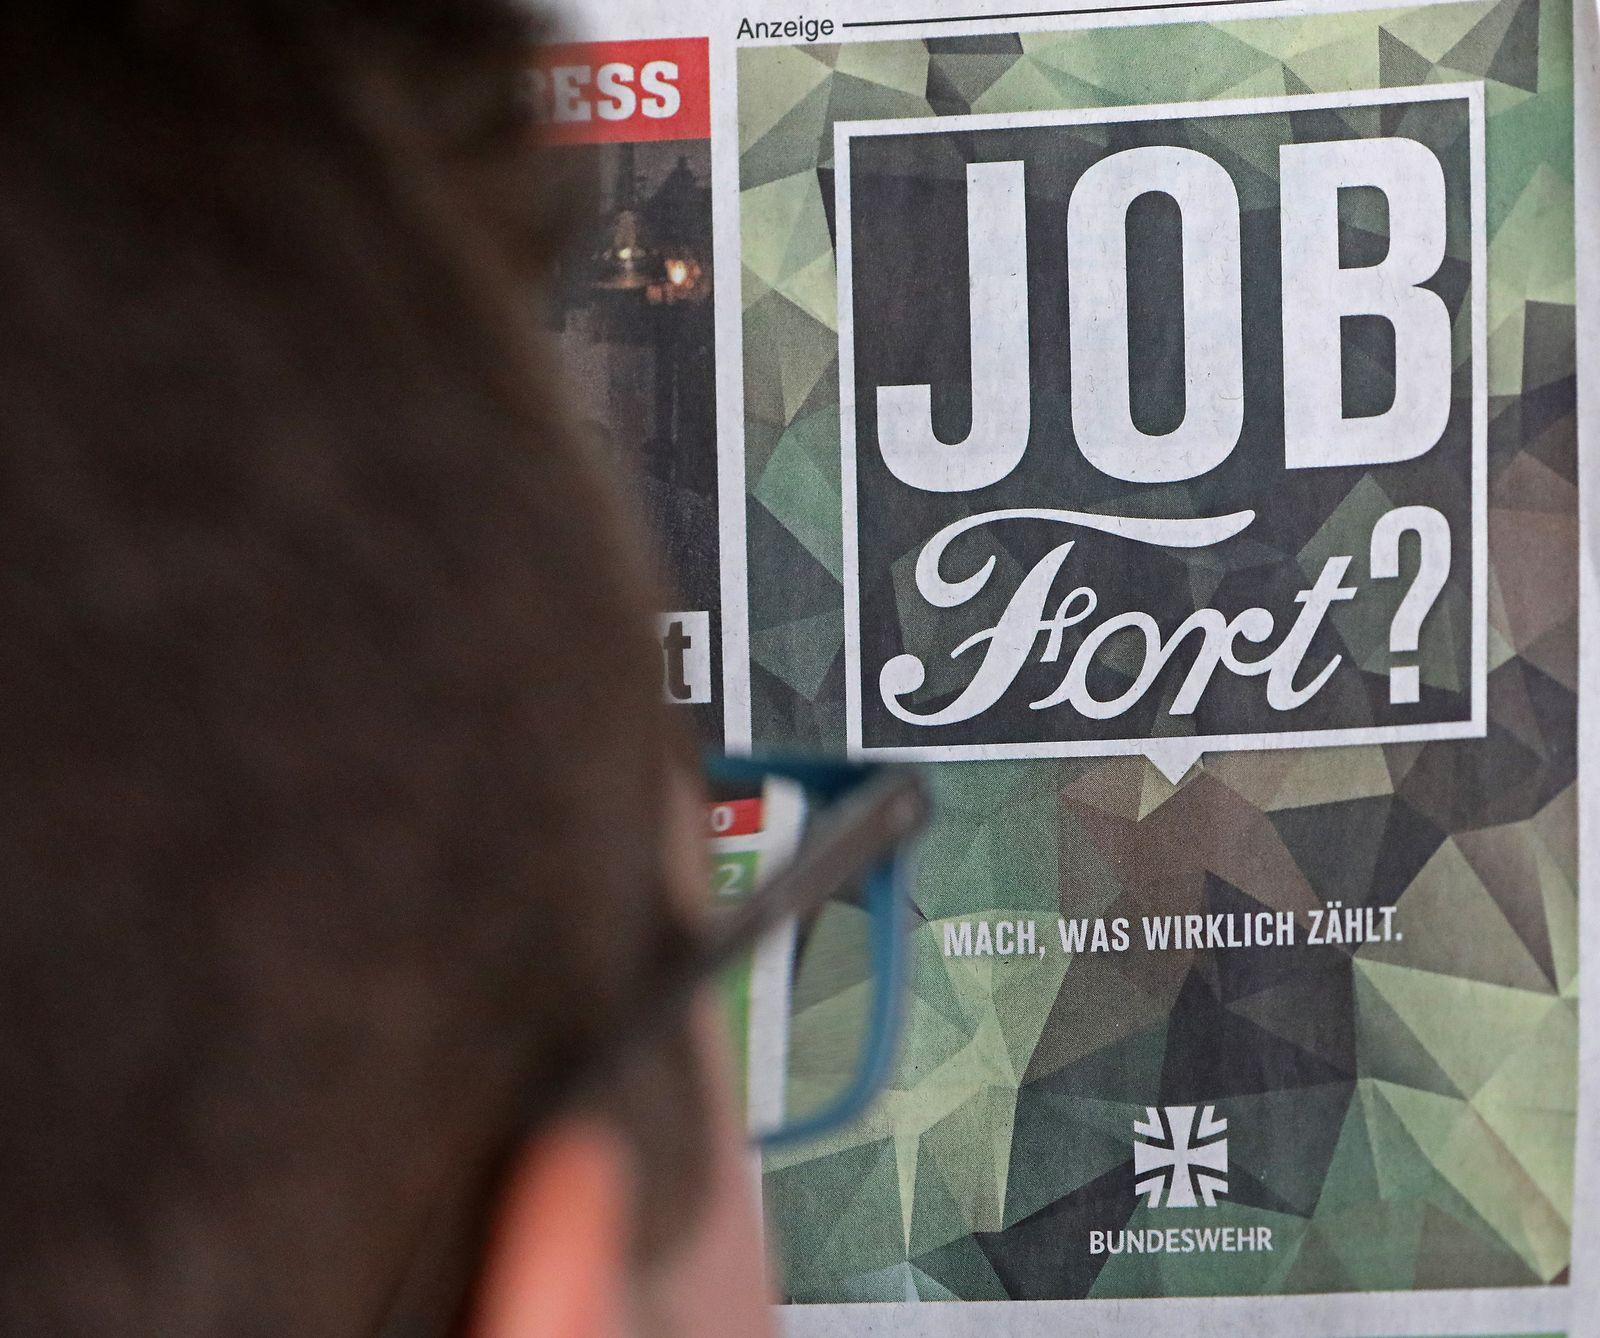 Ford Bundeswehr-Anzeige